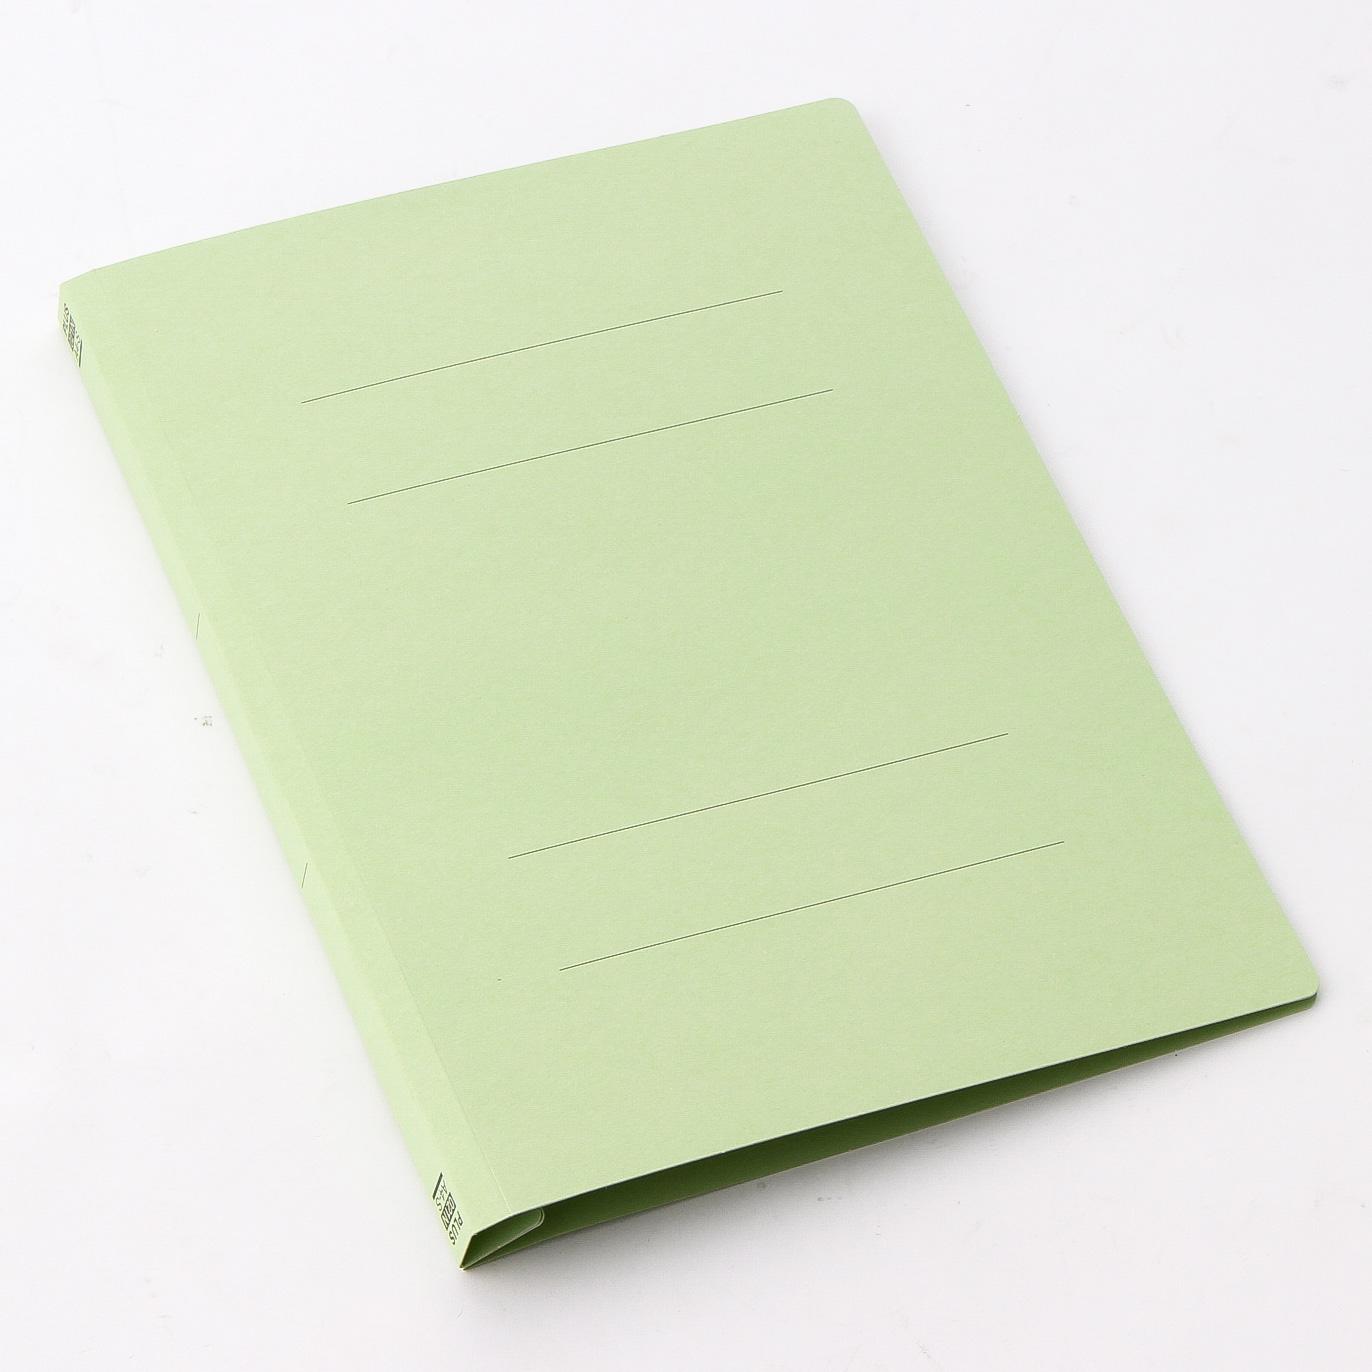 プラス フラットファイル 樹脂 A4 縦 グリーン (NO.021N) 10冊